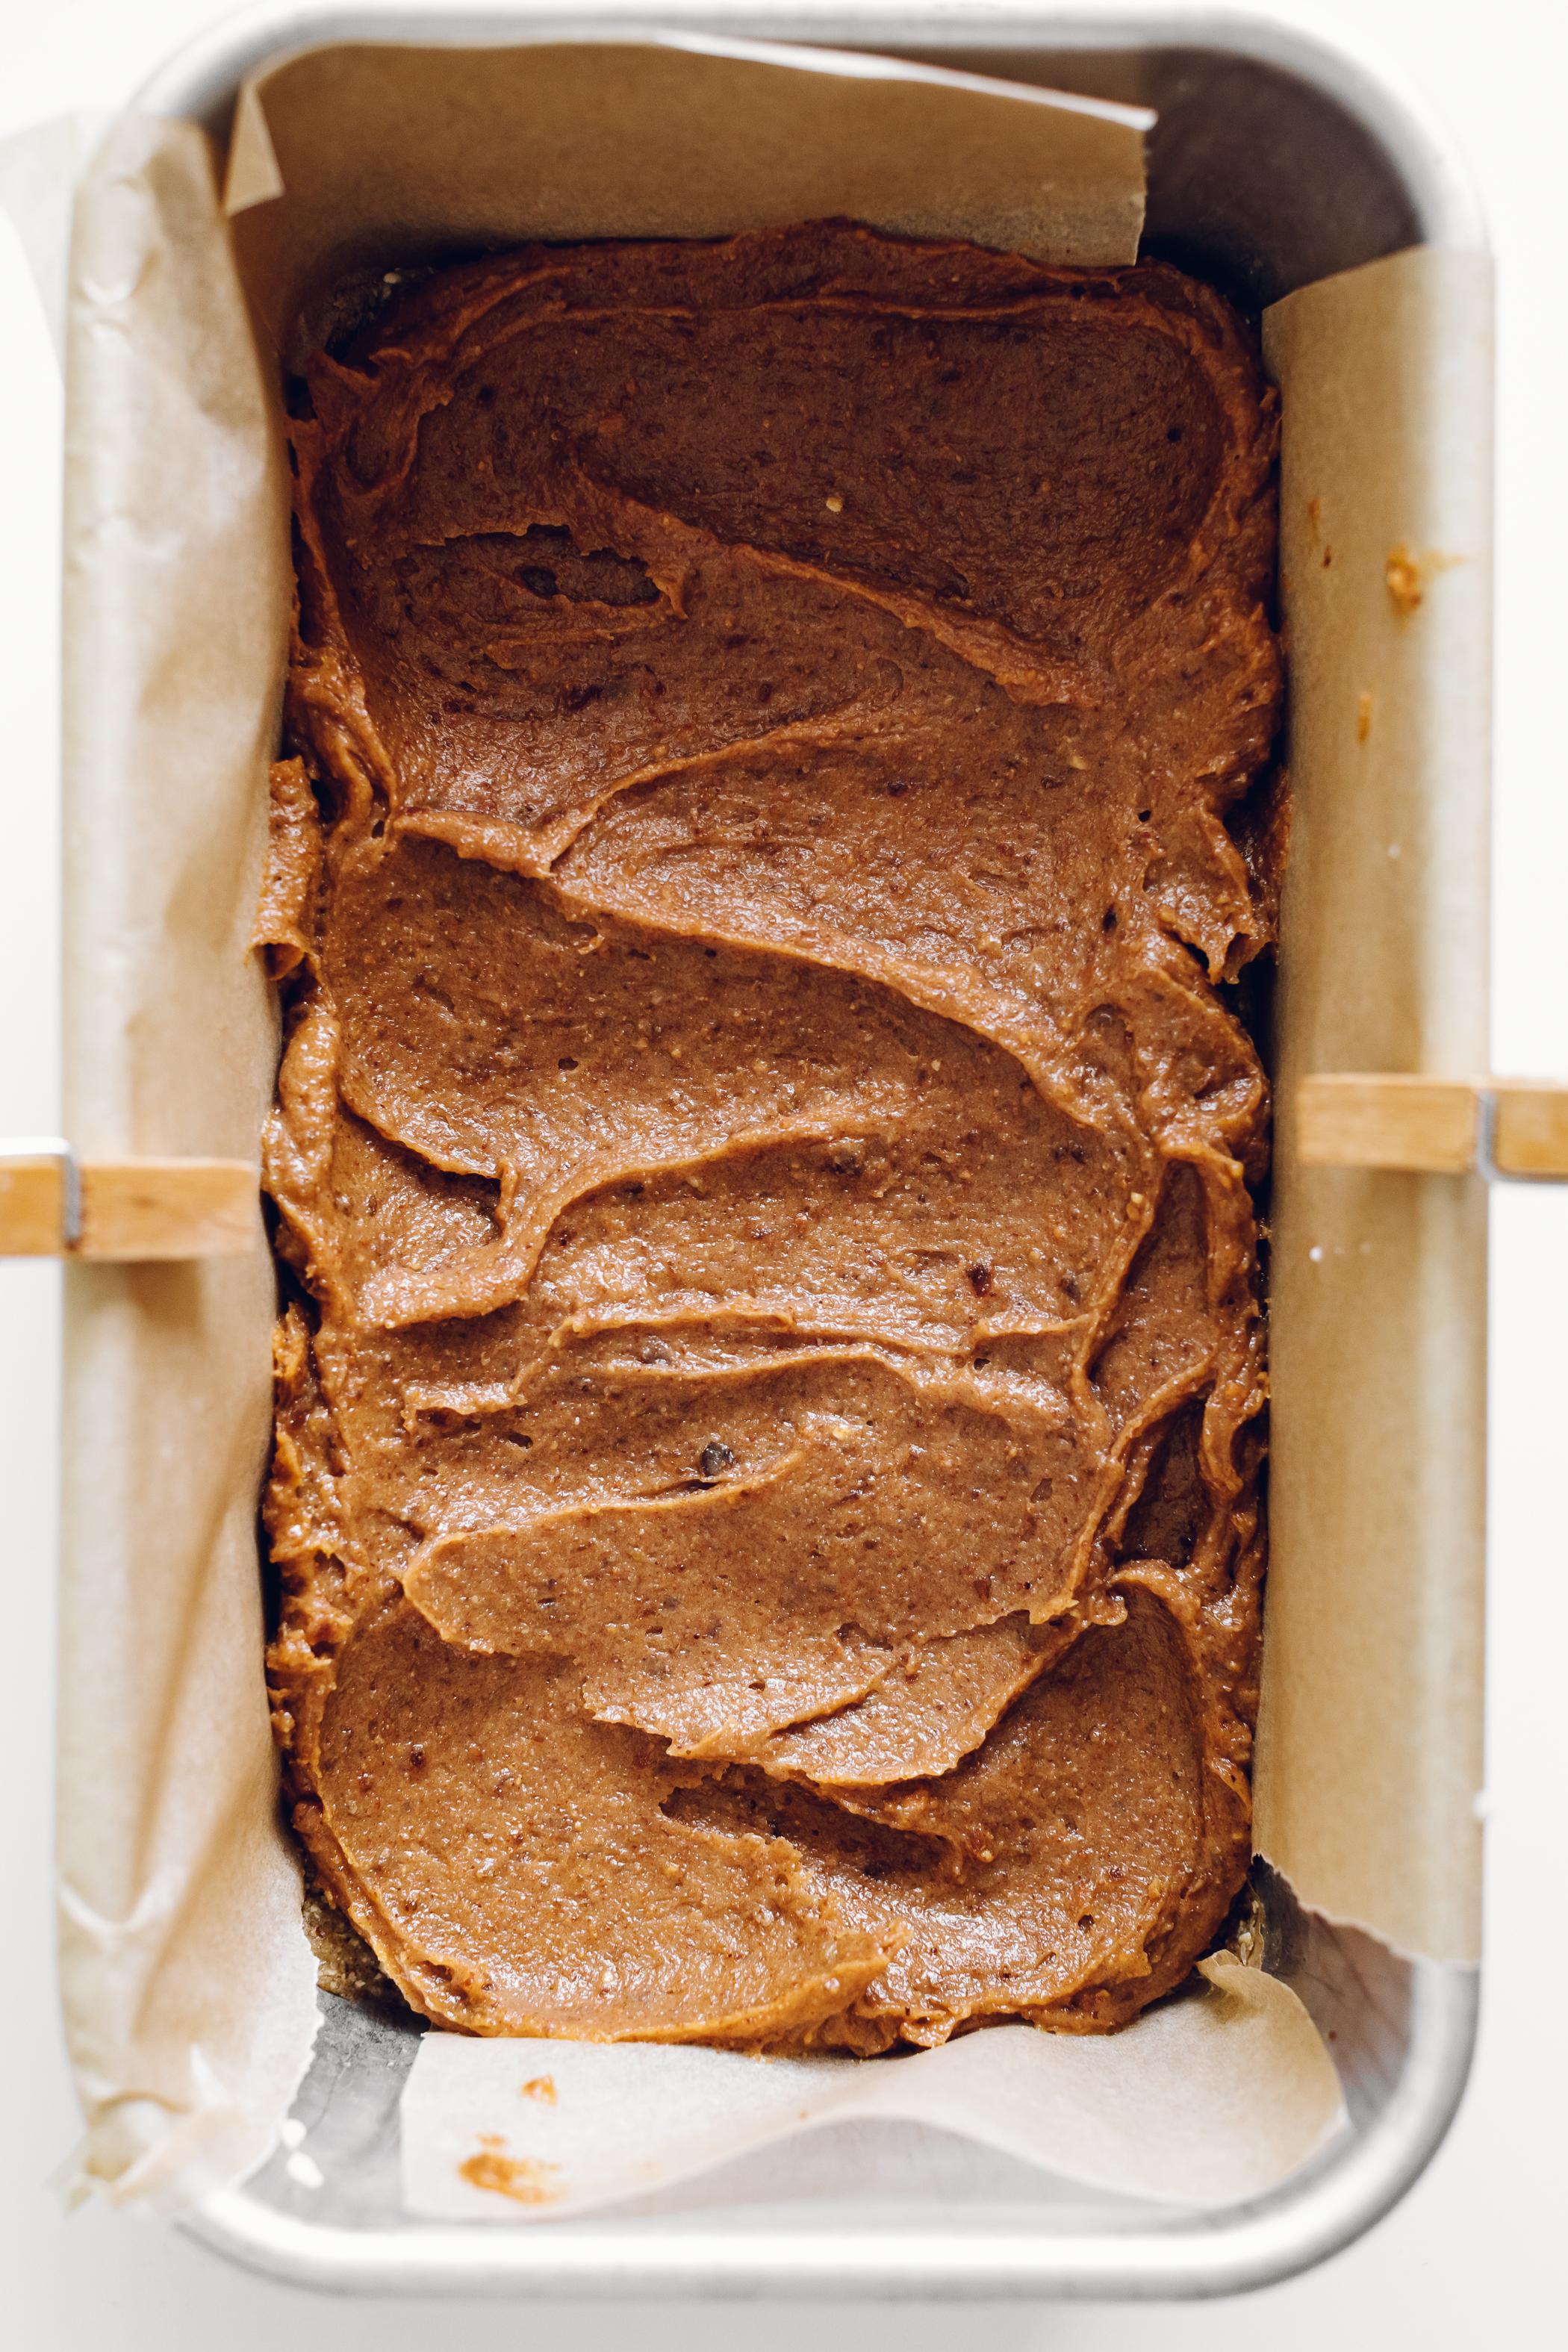 Freezer Caramel Slice by Jessie May